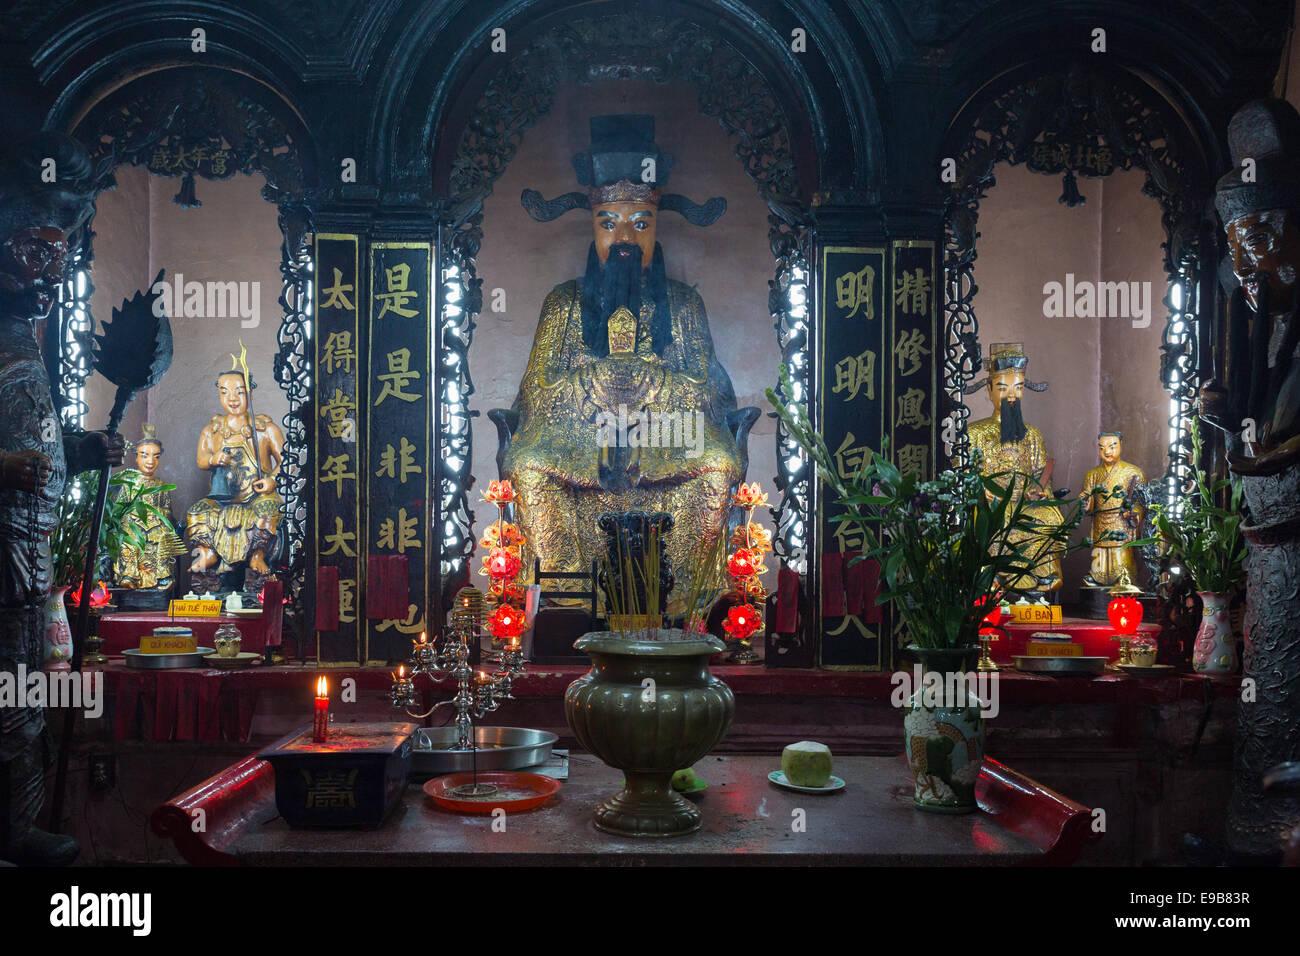 SAIGON (HO CHI MINH CITY), VIETNAM - JANUARY  2014: Shrine at Emperor Jade Pagoda Stock Photo